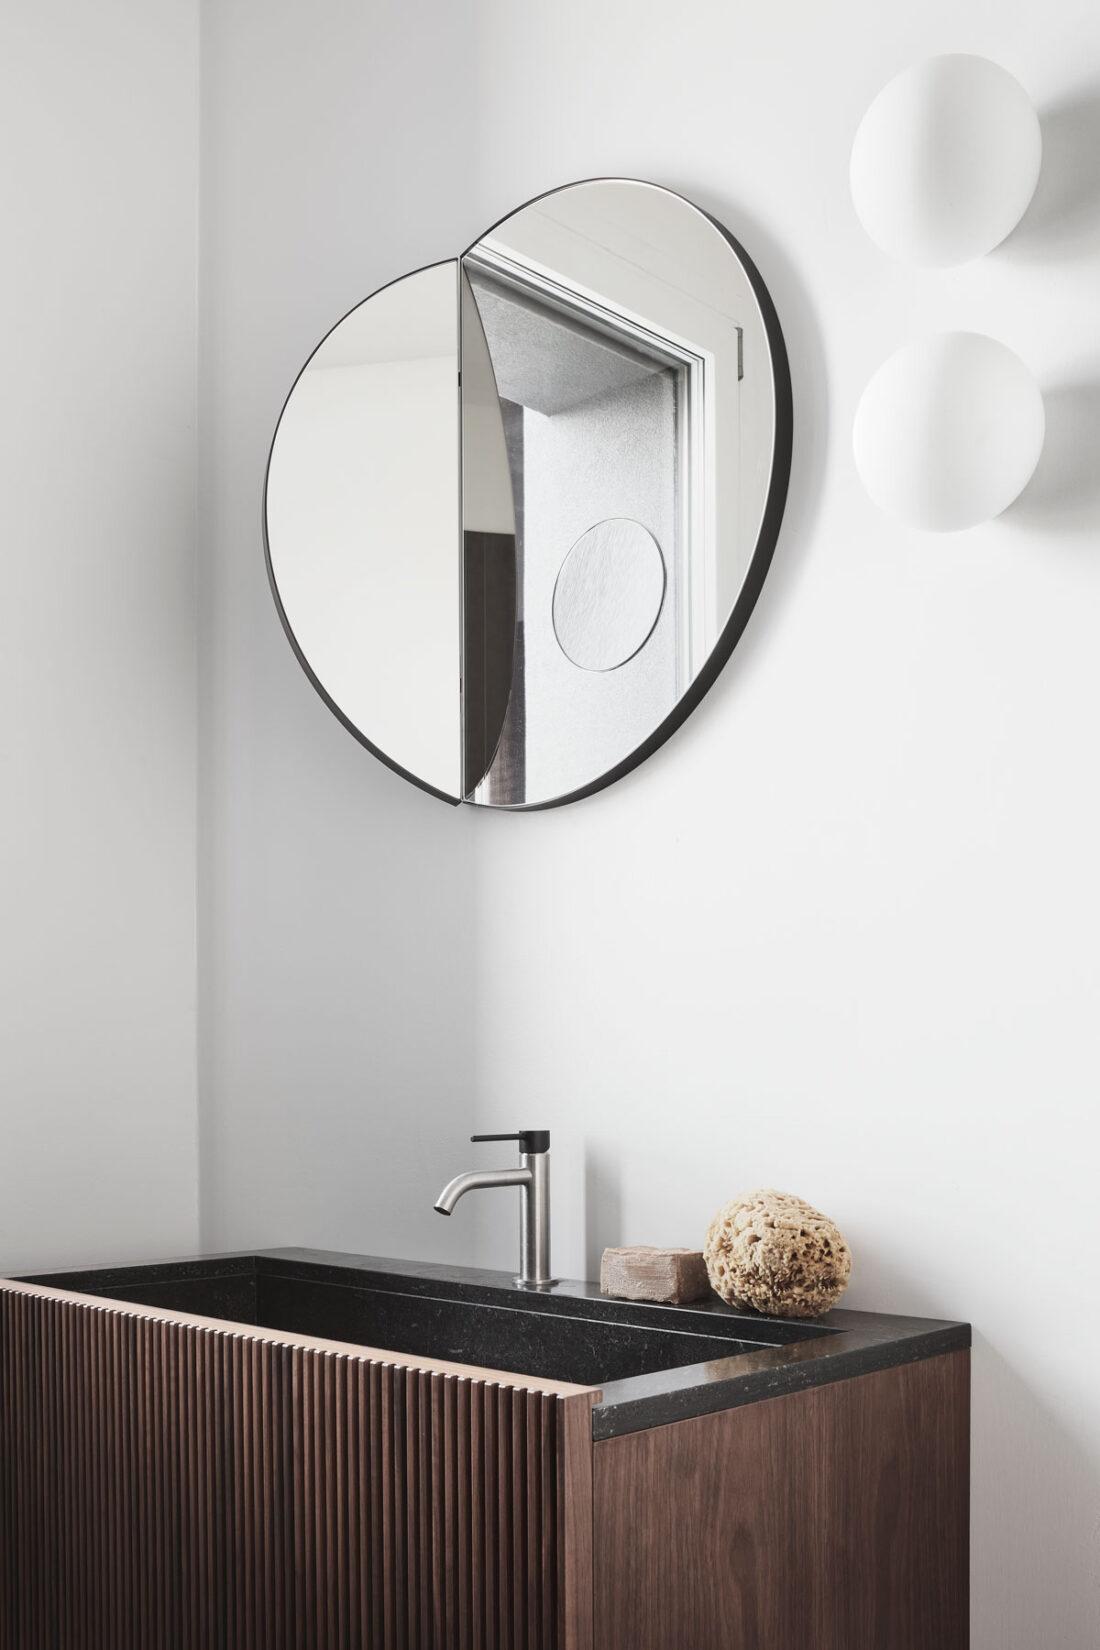 lavabo in stile giapponese in pietra naturale e legno con specchio circolare ed accessori